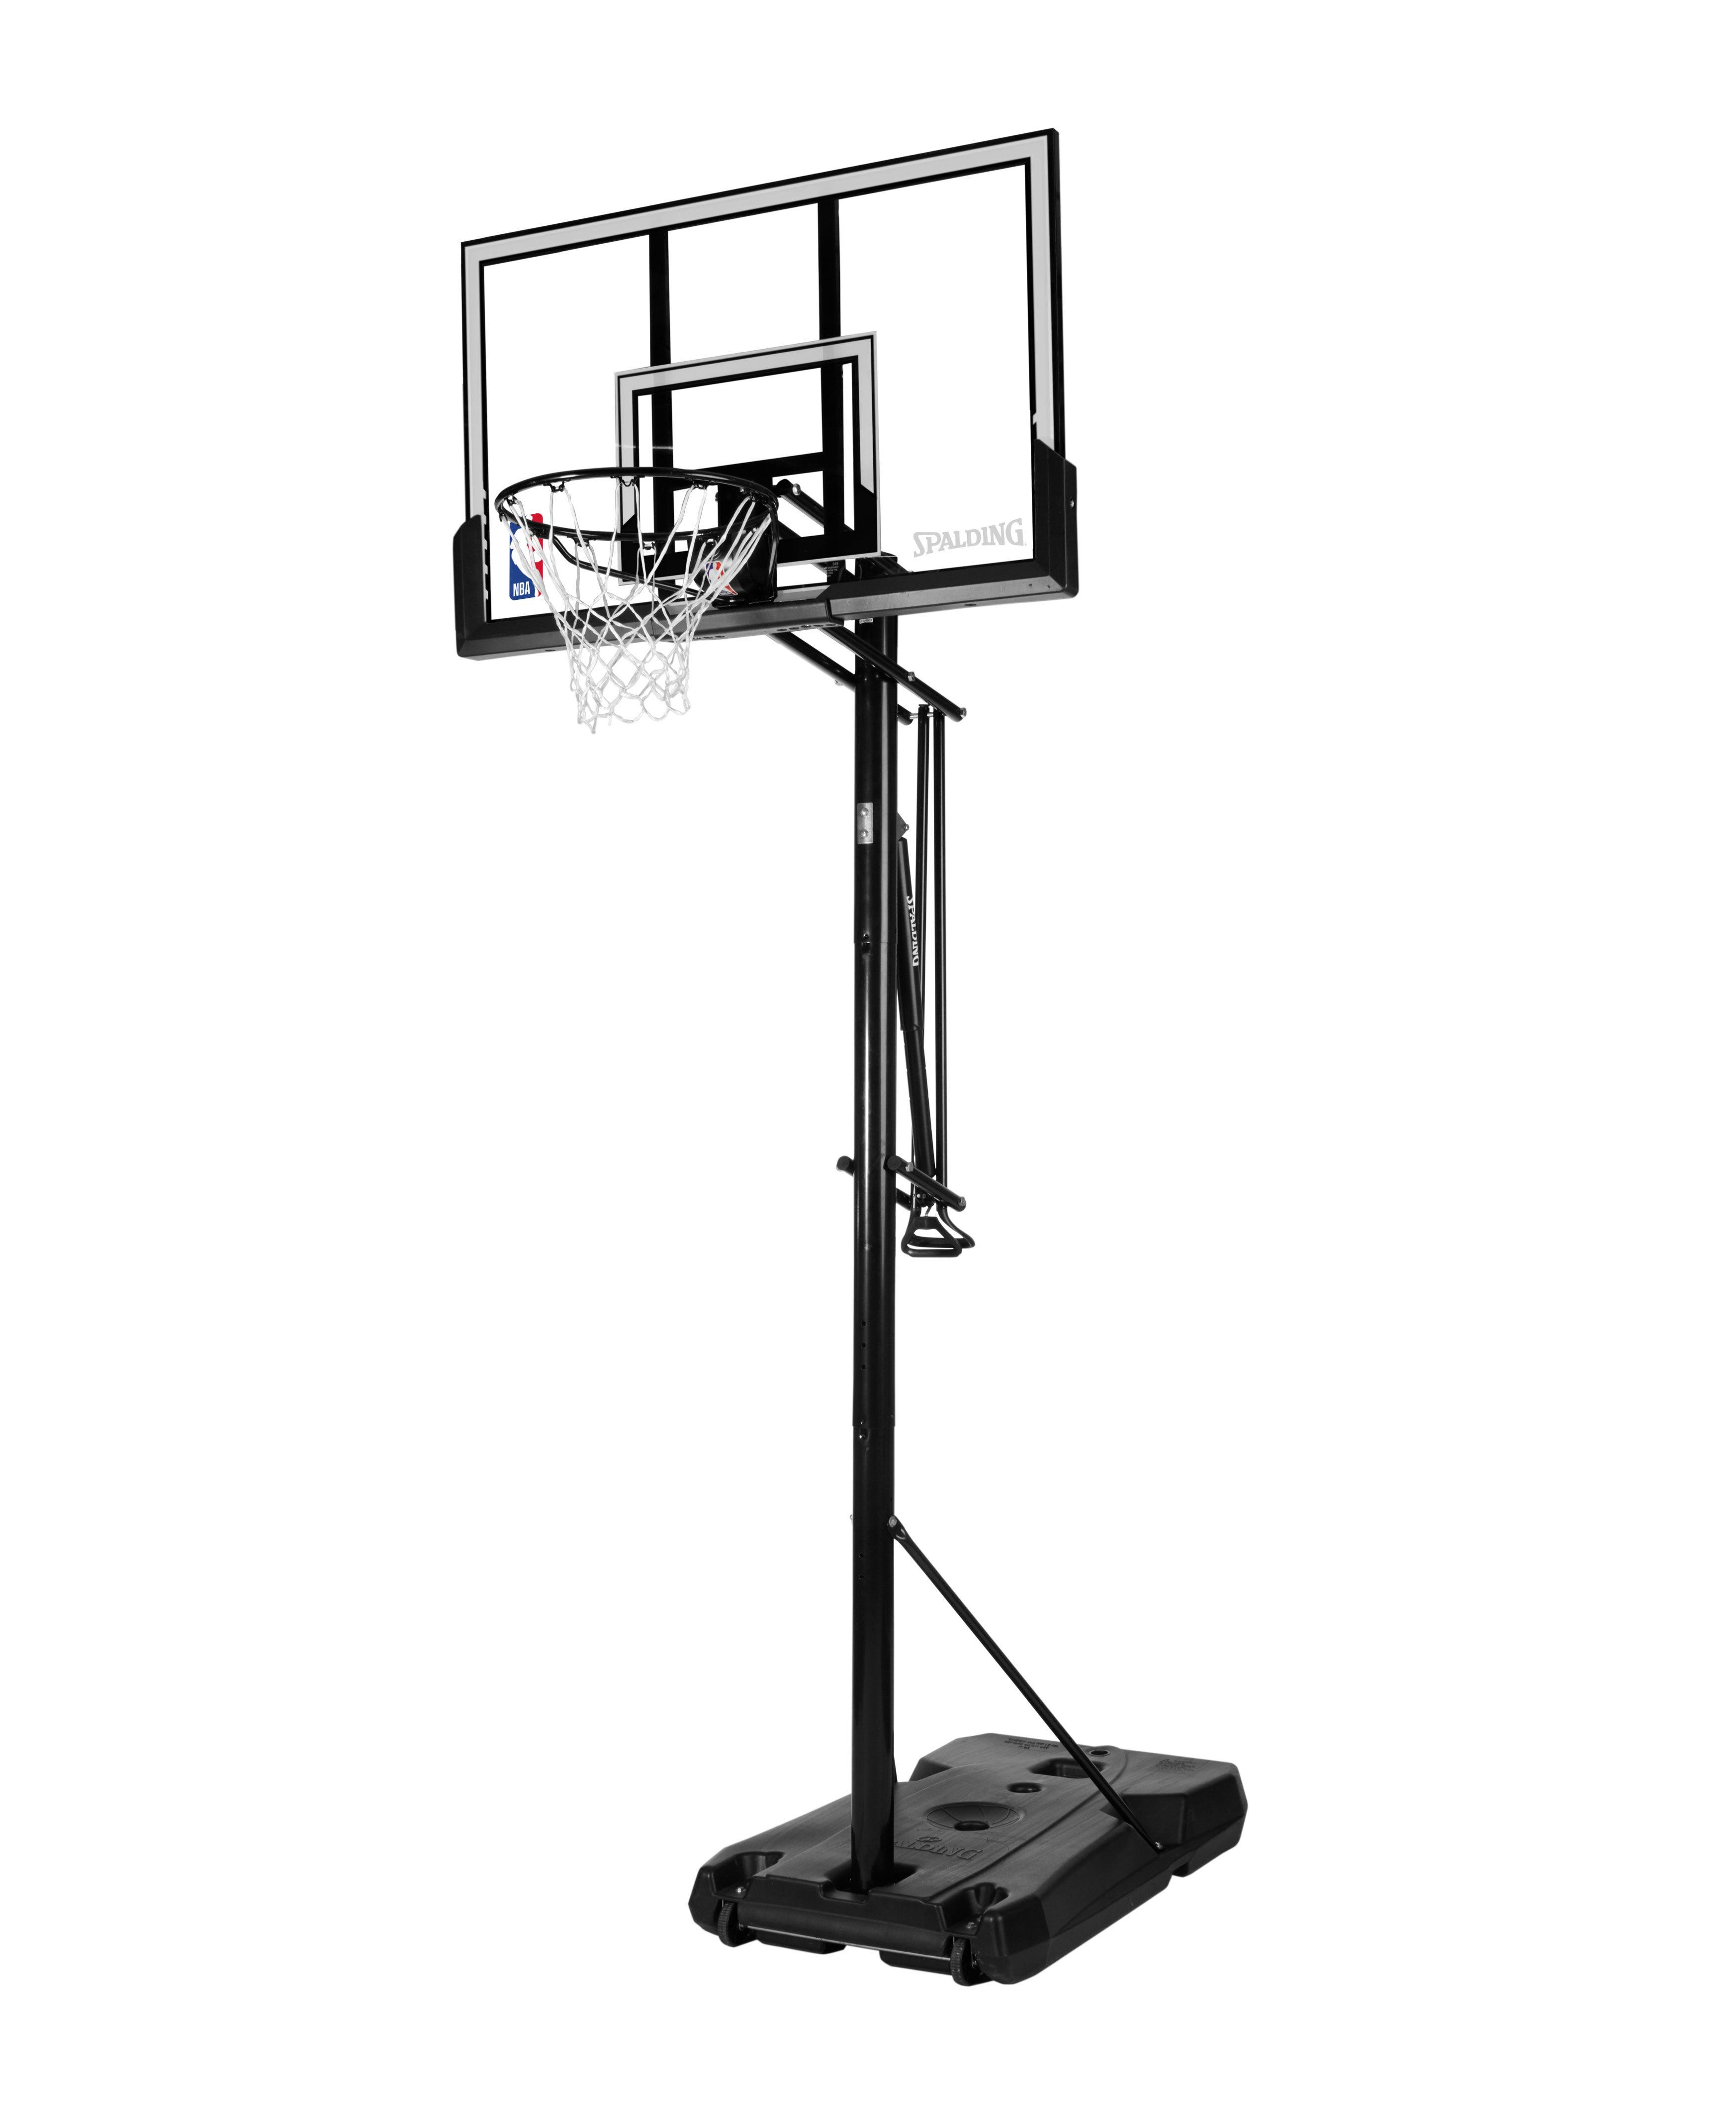 Spalding Portable Basketball Hoop Glass Acrylic Backboard Adjustable Outdoor Net